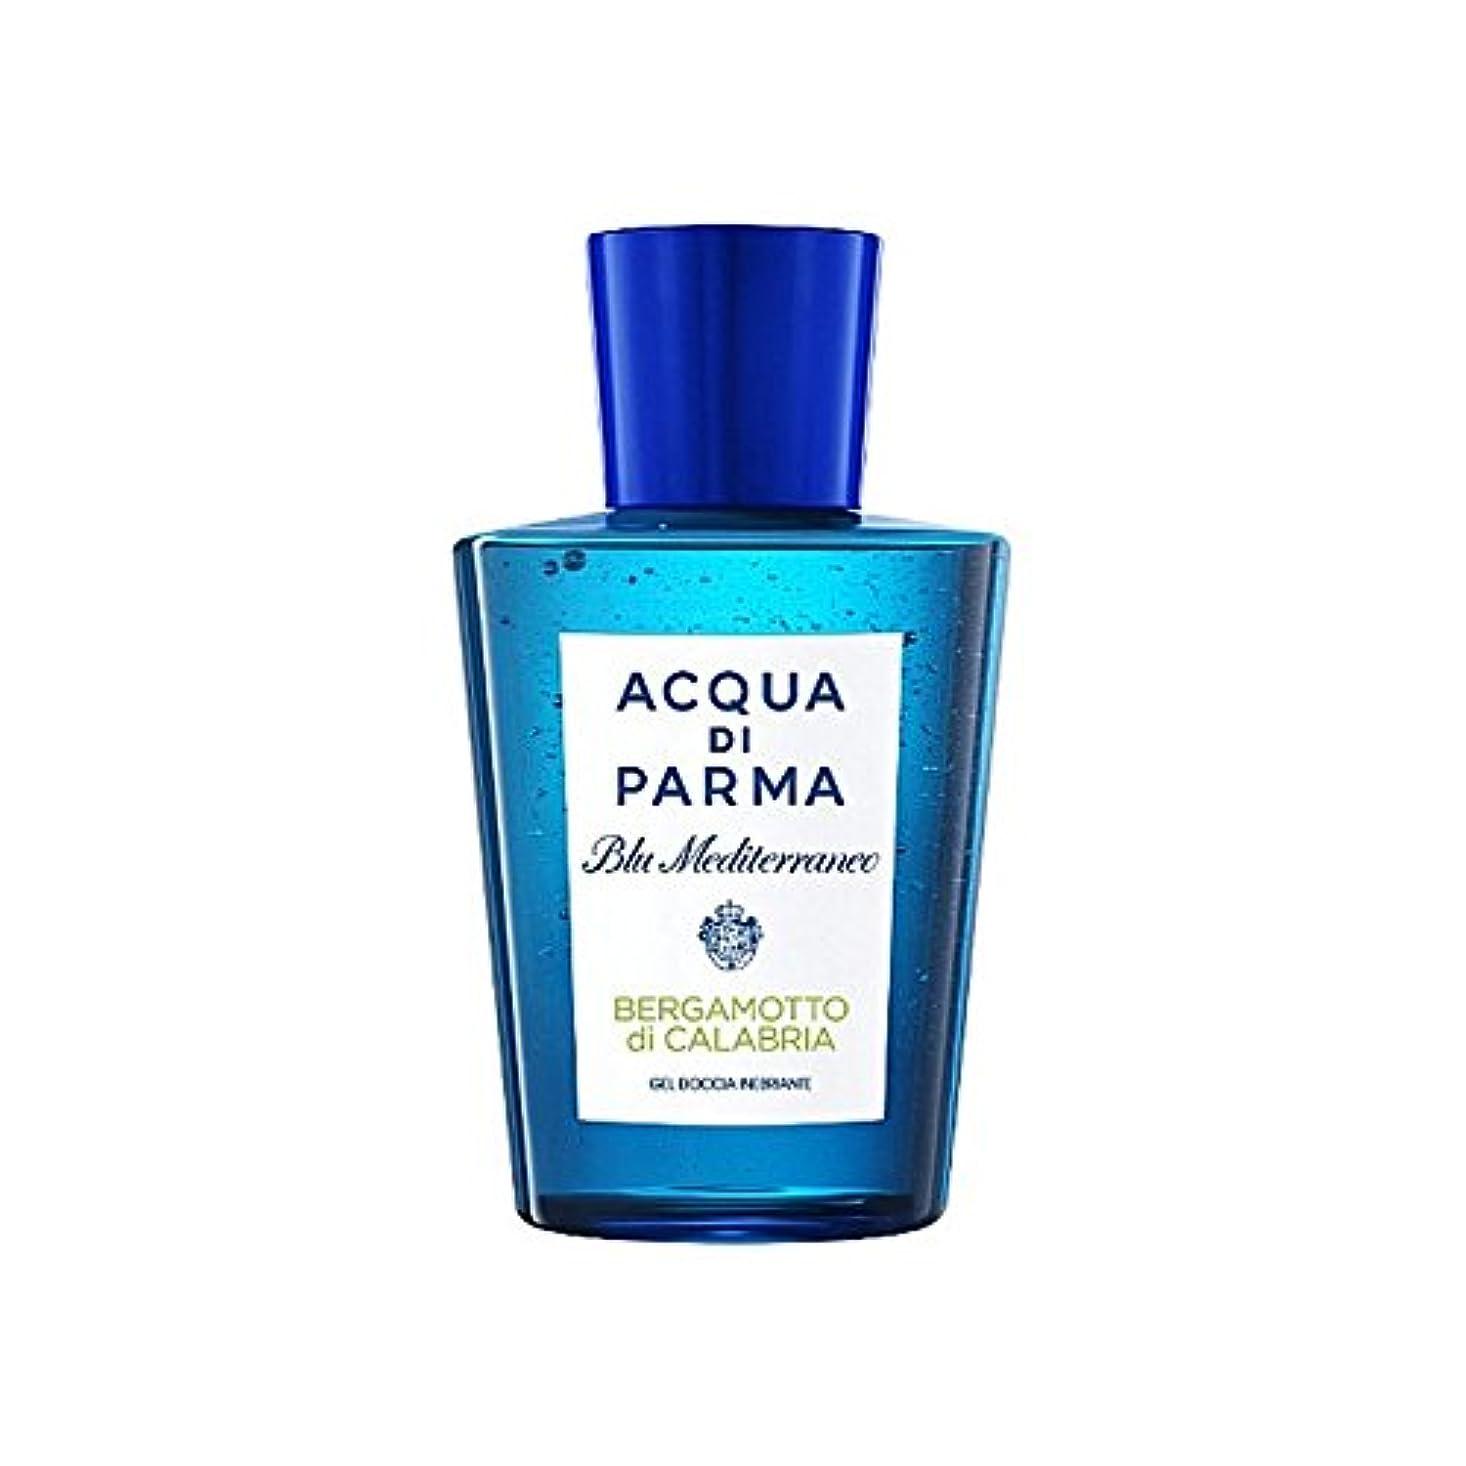 受取人鋭く血Acqua Di Parma Blu Mediterraneo Bergamotto Di Calabria Shower Gel 200ml (Pack of 6) - アクアディパルマブルーメディのディカラブリアシャワージェル200 x6 [並行輸入品]